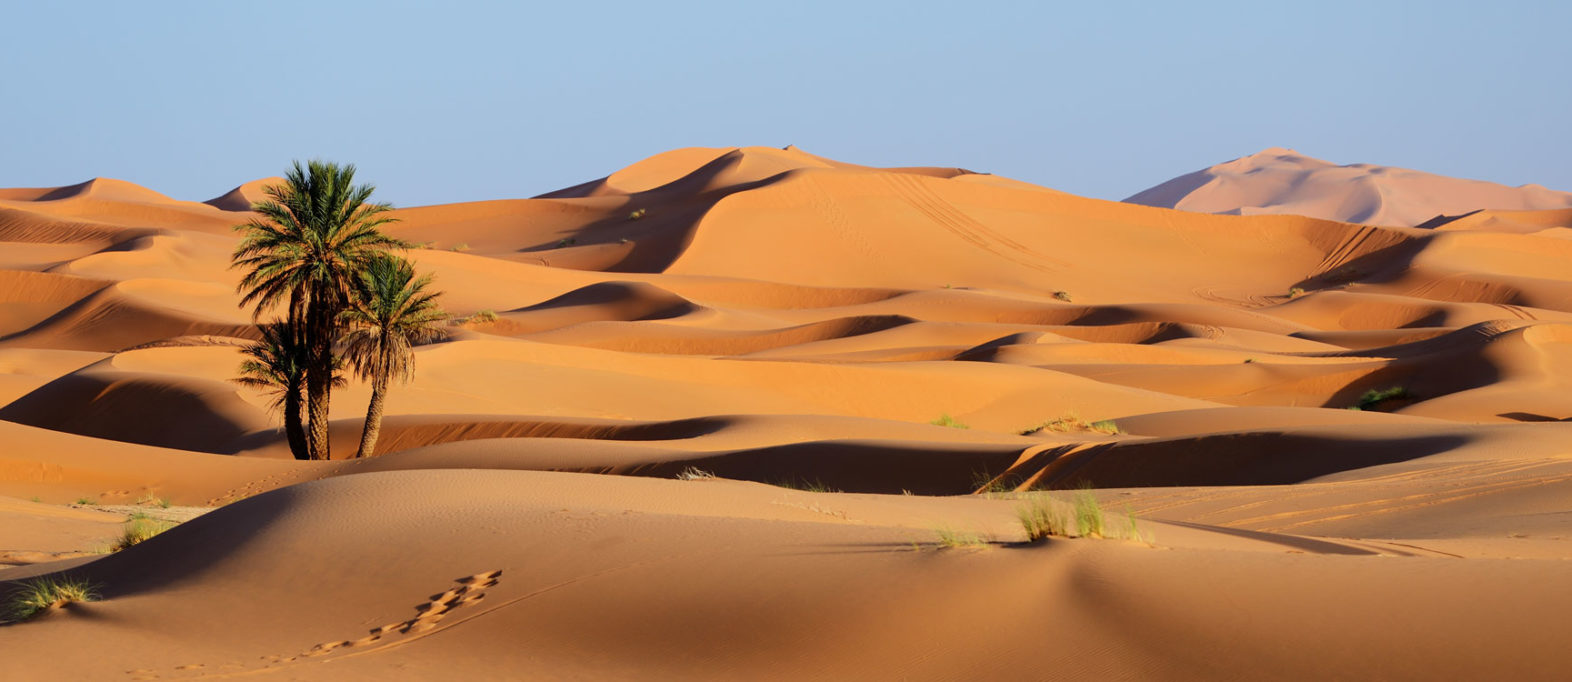 Backpacking Marokko: Rundreise durch Marokko & meine Highlights